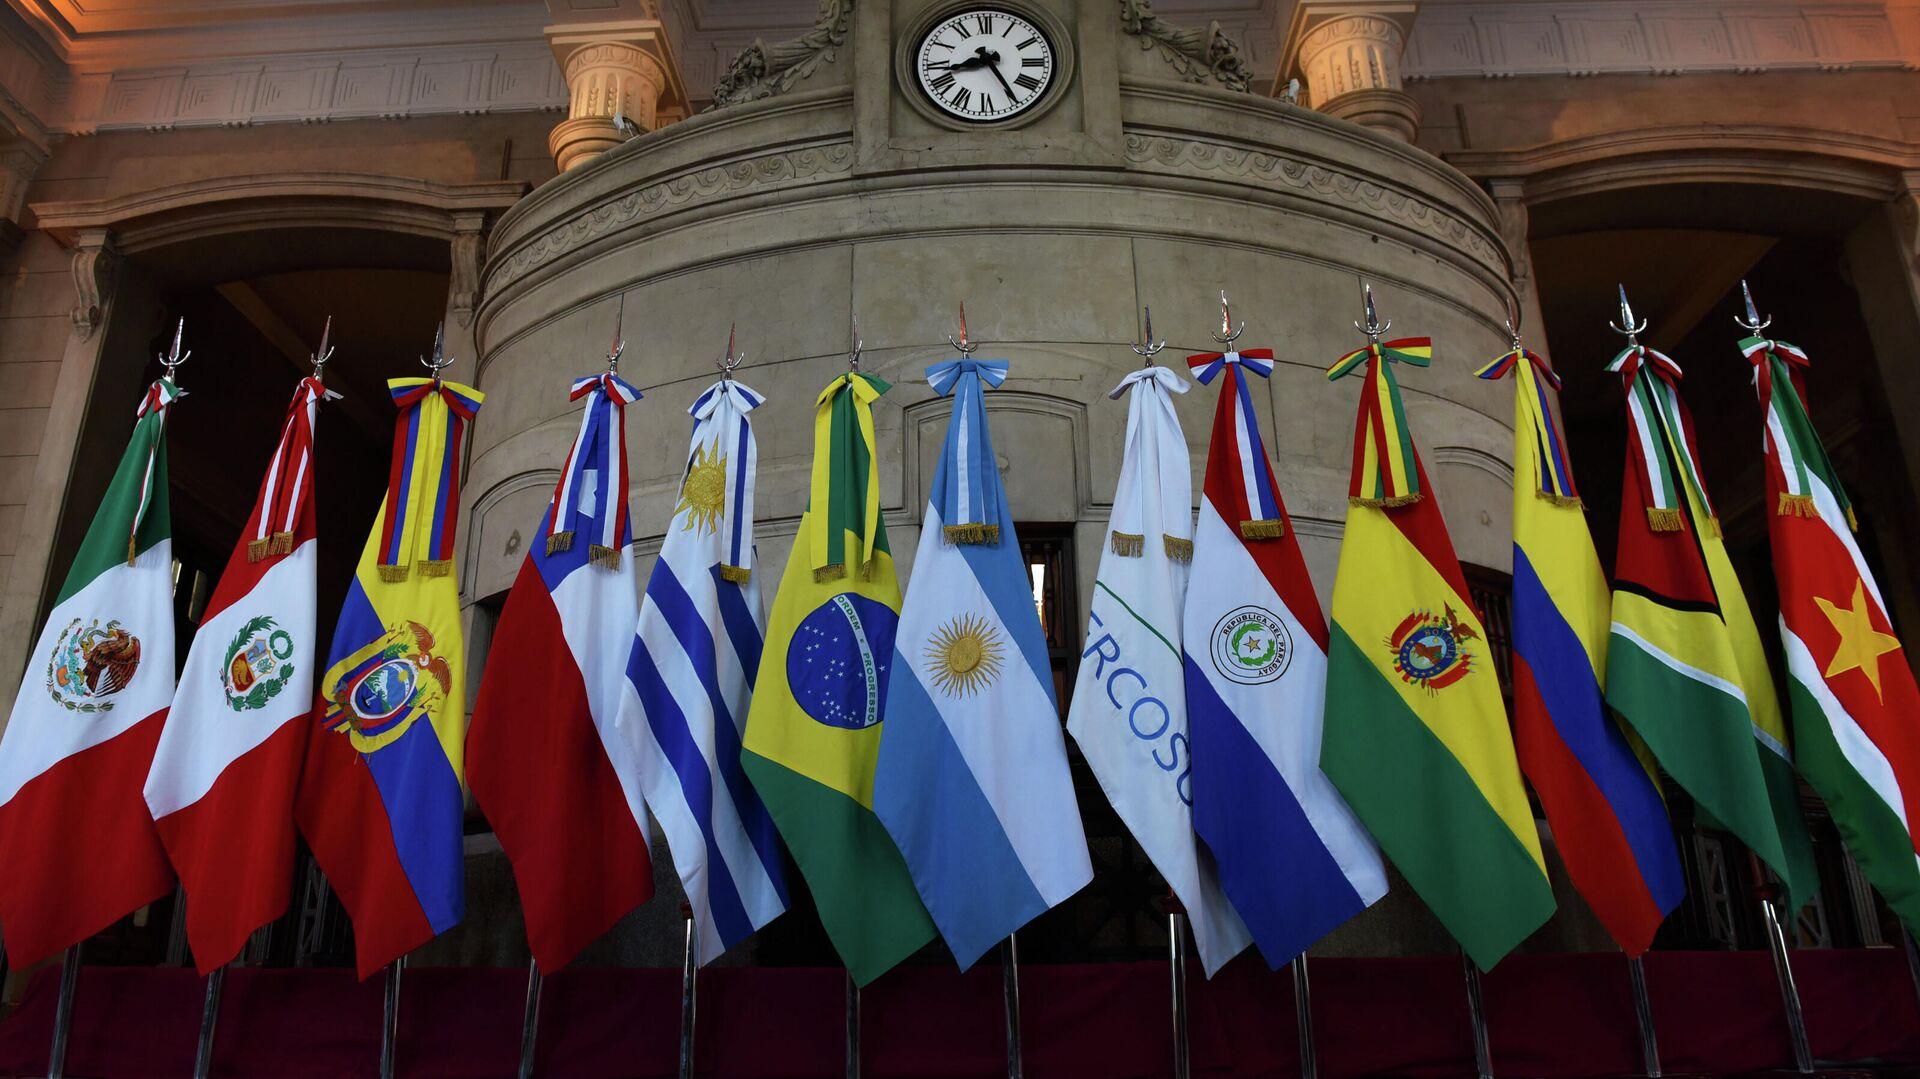 Banderas de miembros del Mercosur y Estados asociados - Sputnik Mundo, 1920, 16.03.2021